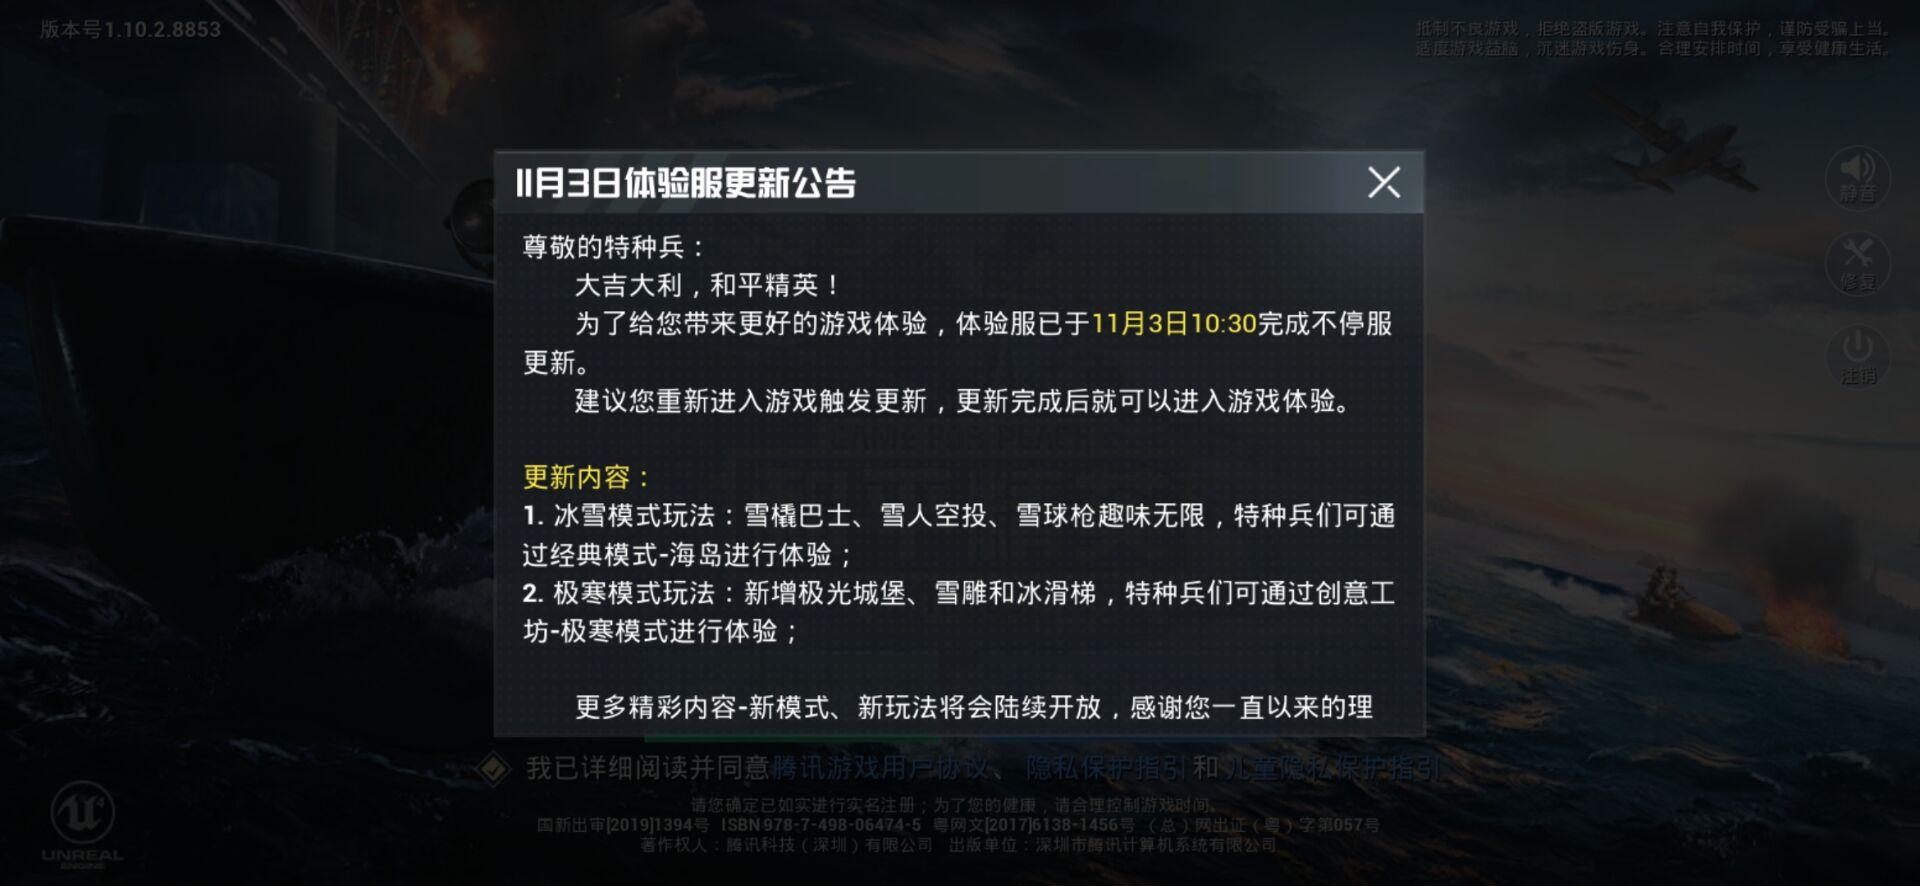 【爆料】经典模式新玩法冰雪模式玩法来袭!